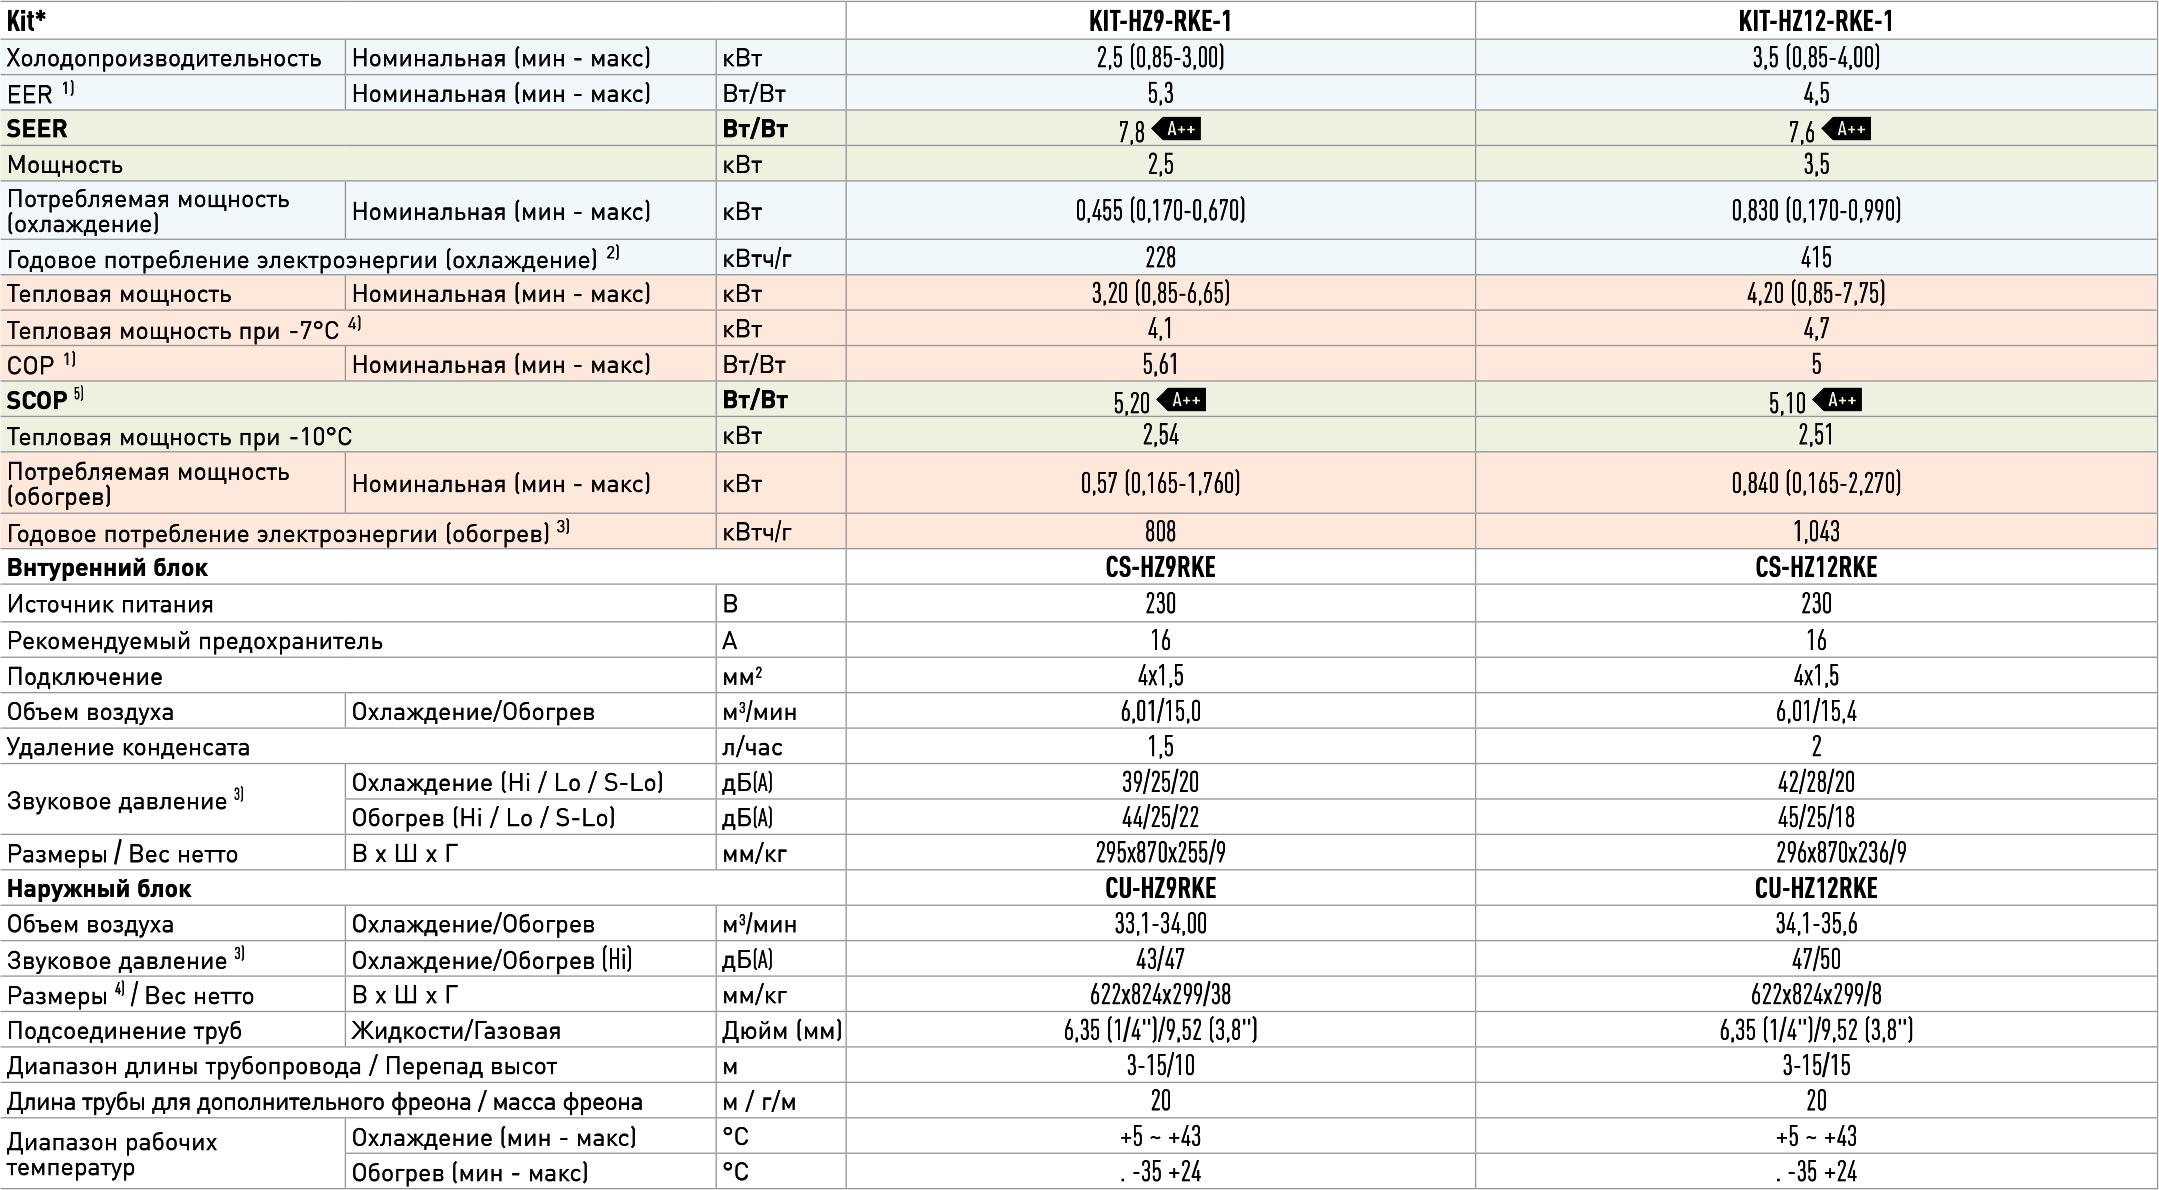 Технические характеристикиинверторногокондиционера PanasonicCS/CU-HZ12RKE-1 серииNordicInverter